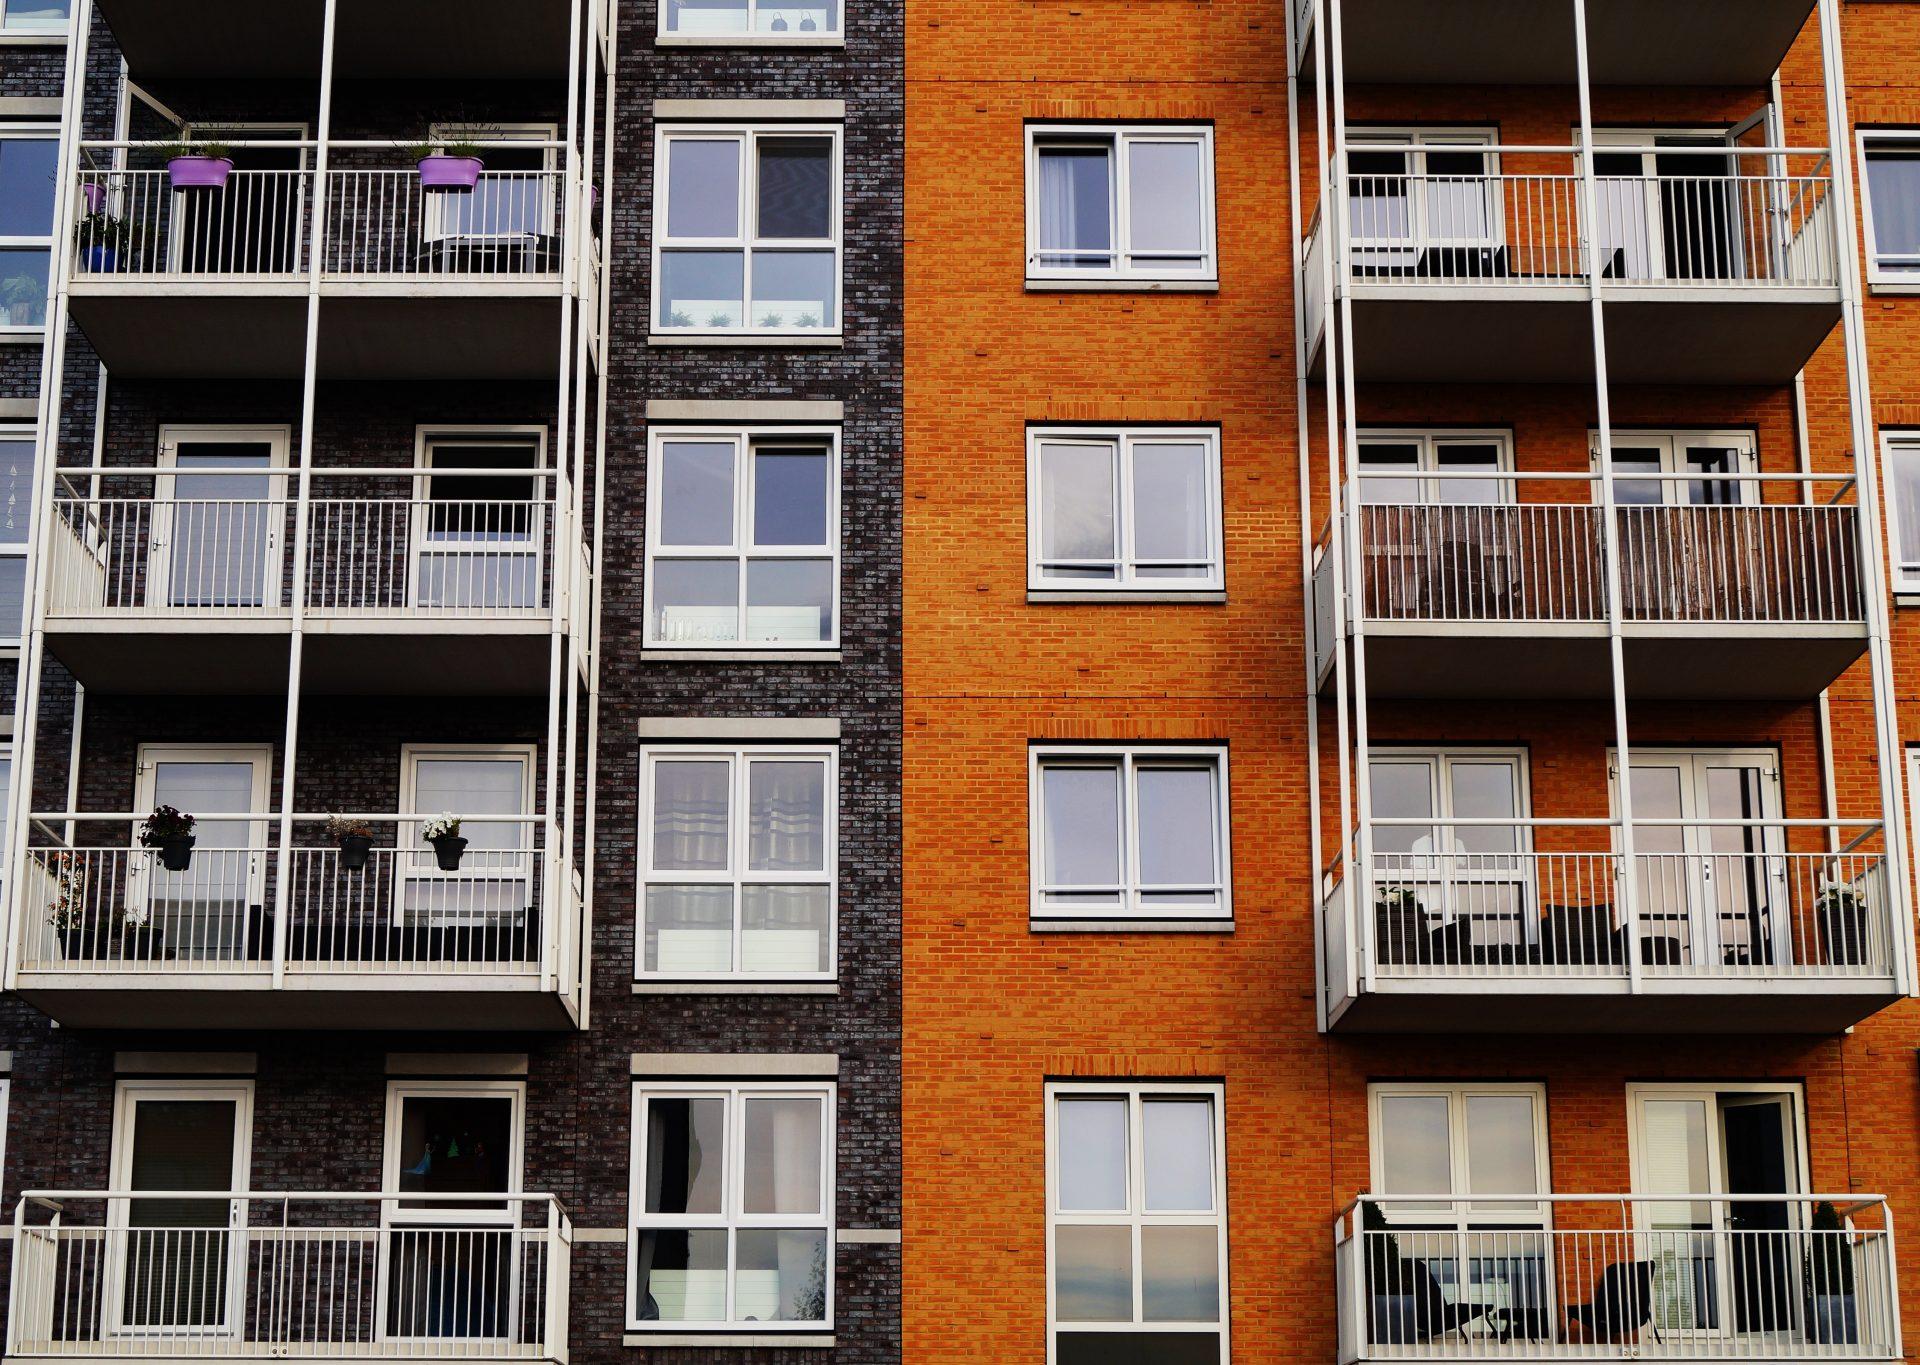 dom-bytovka-bytovy-dom-cinziak-okno-balkon-tehla-dvere